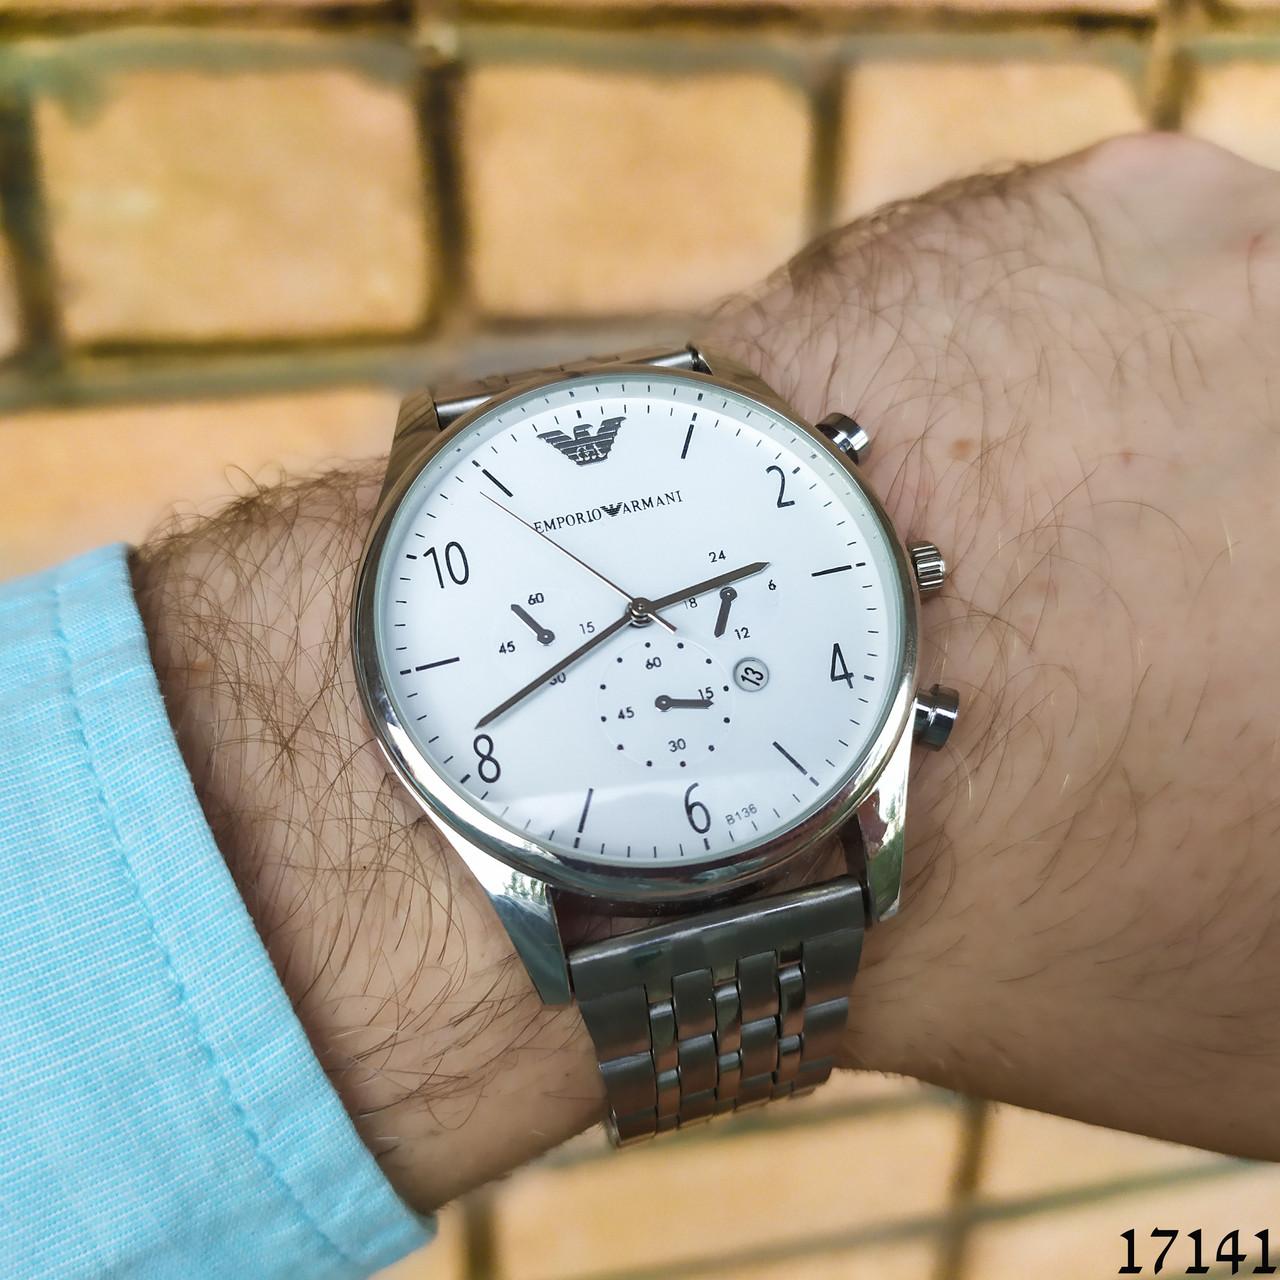 Мужские наручные часы серебристые в стиле Armani. Годинник чоловічий